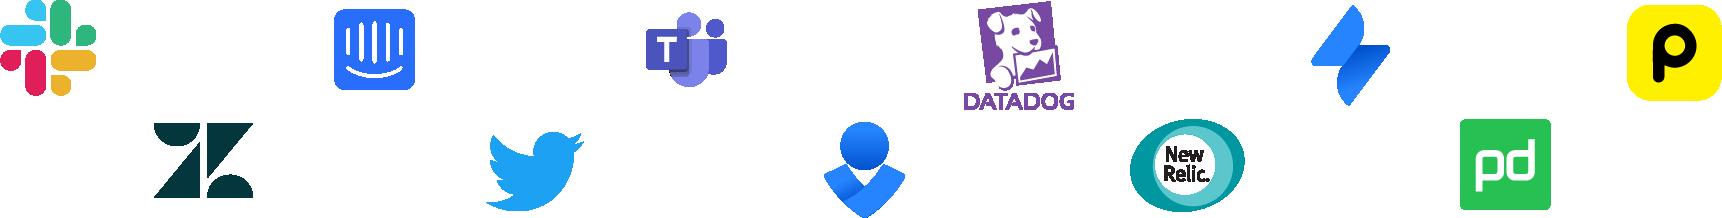 Conecte o Statuspage